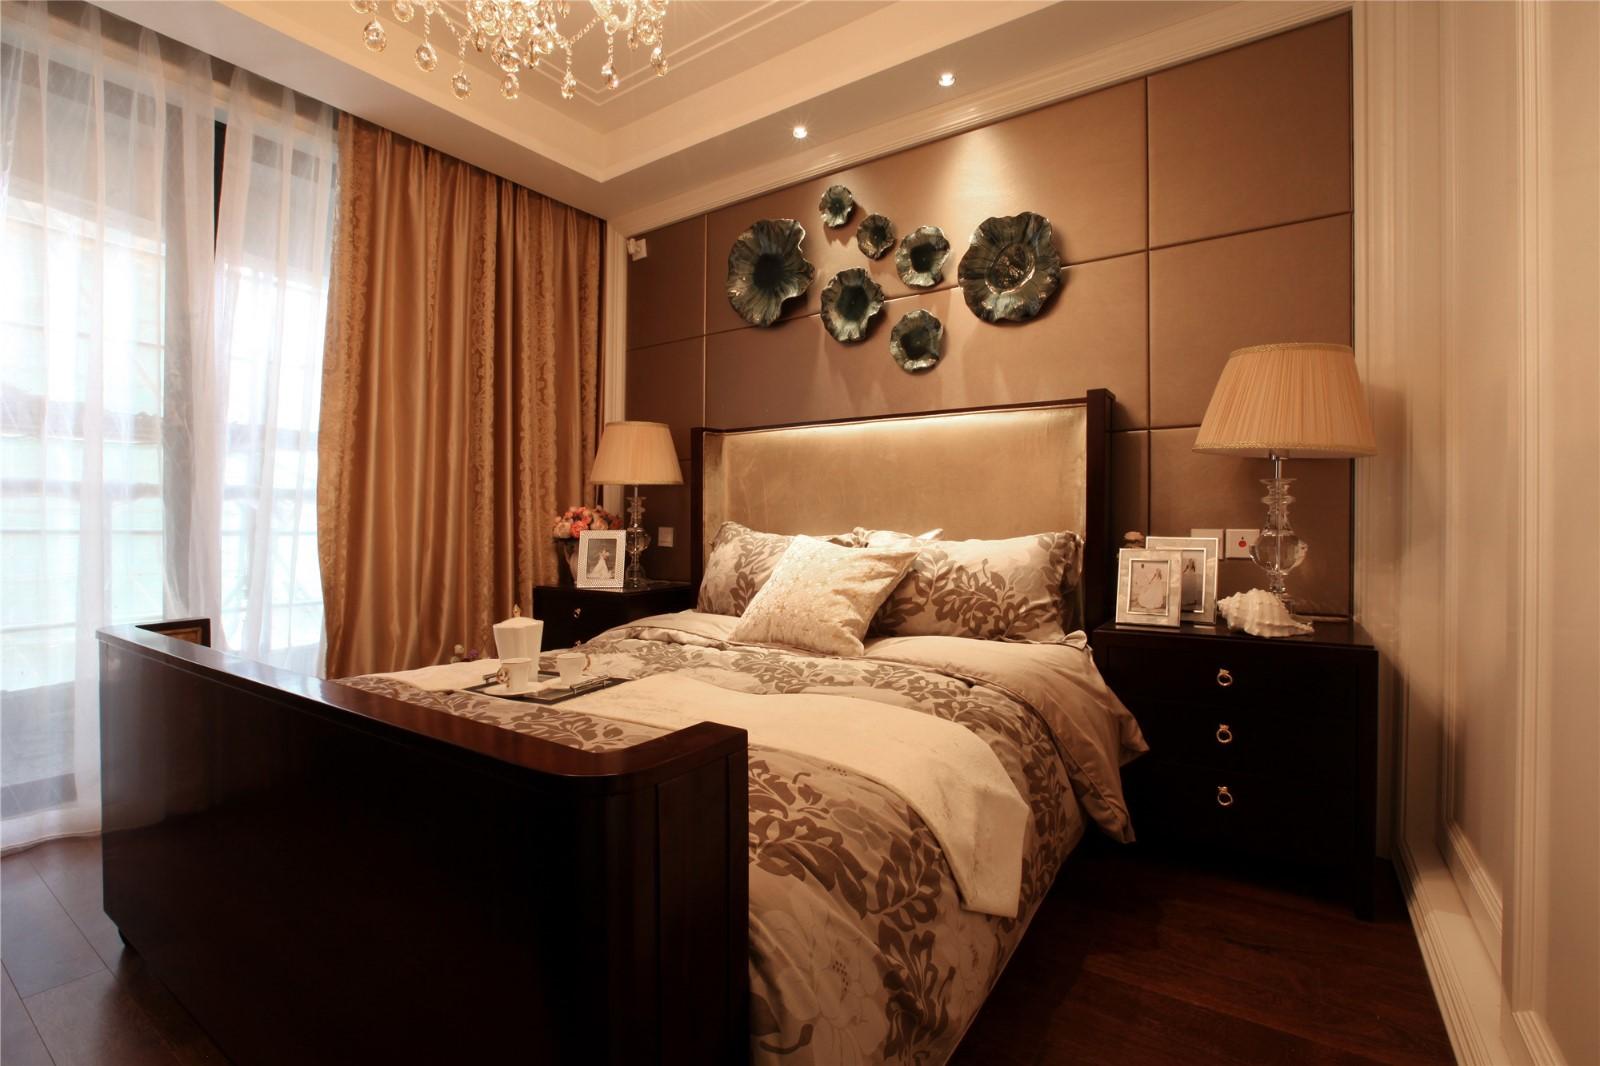 2020欧式卧室装修设计图片 2020欧式床头柜装修设计图片